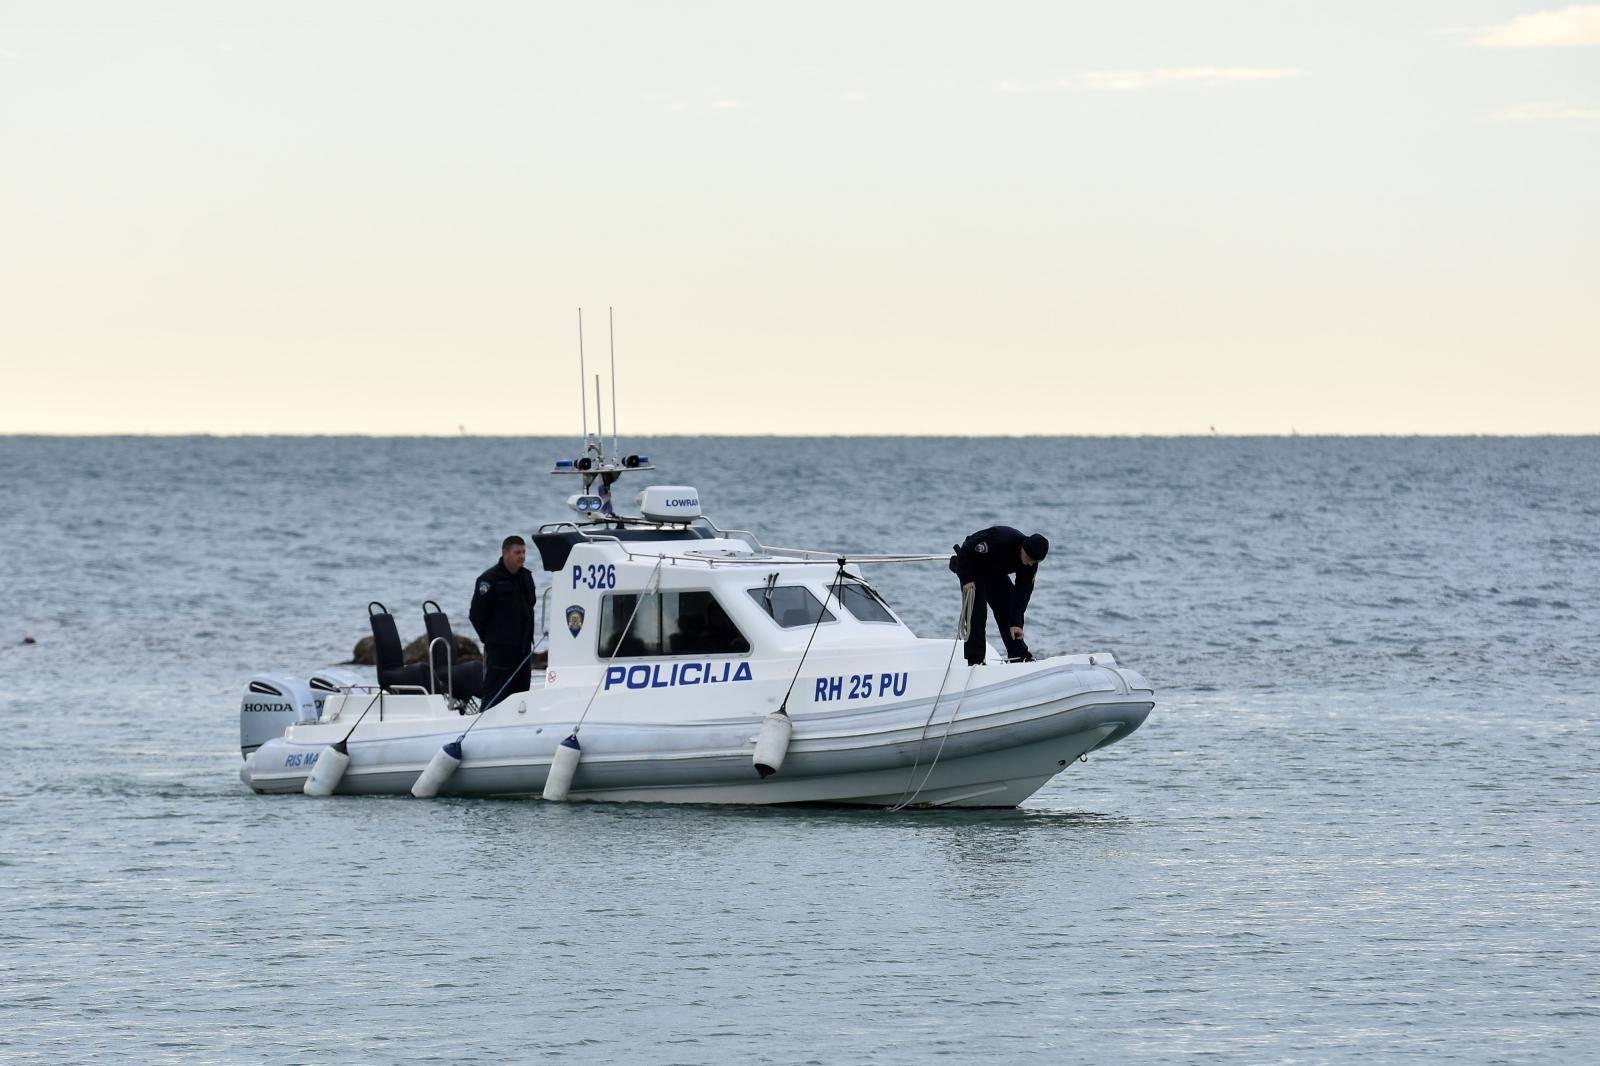 Isplovio barkom i nije se vratio: Pronašli su beživotno tijelo...